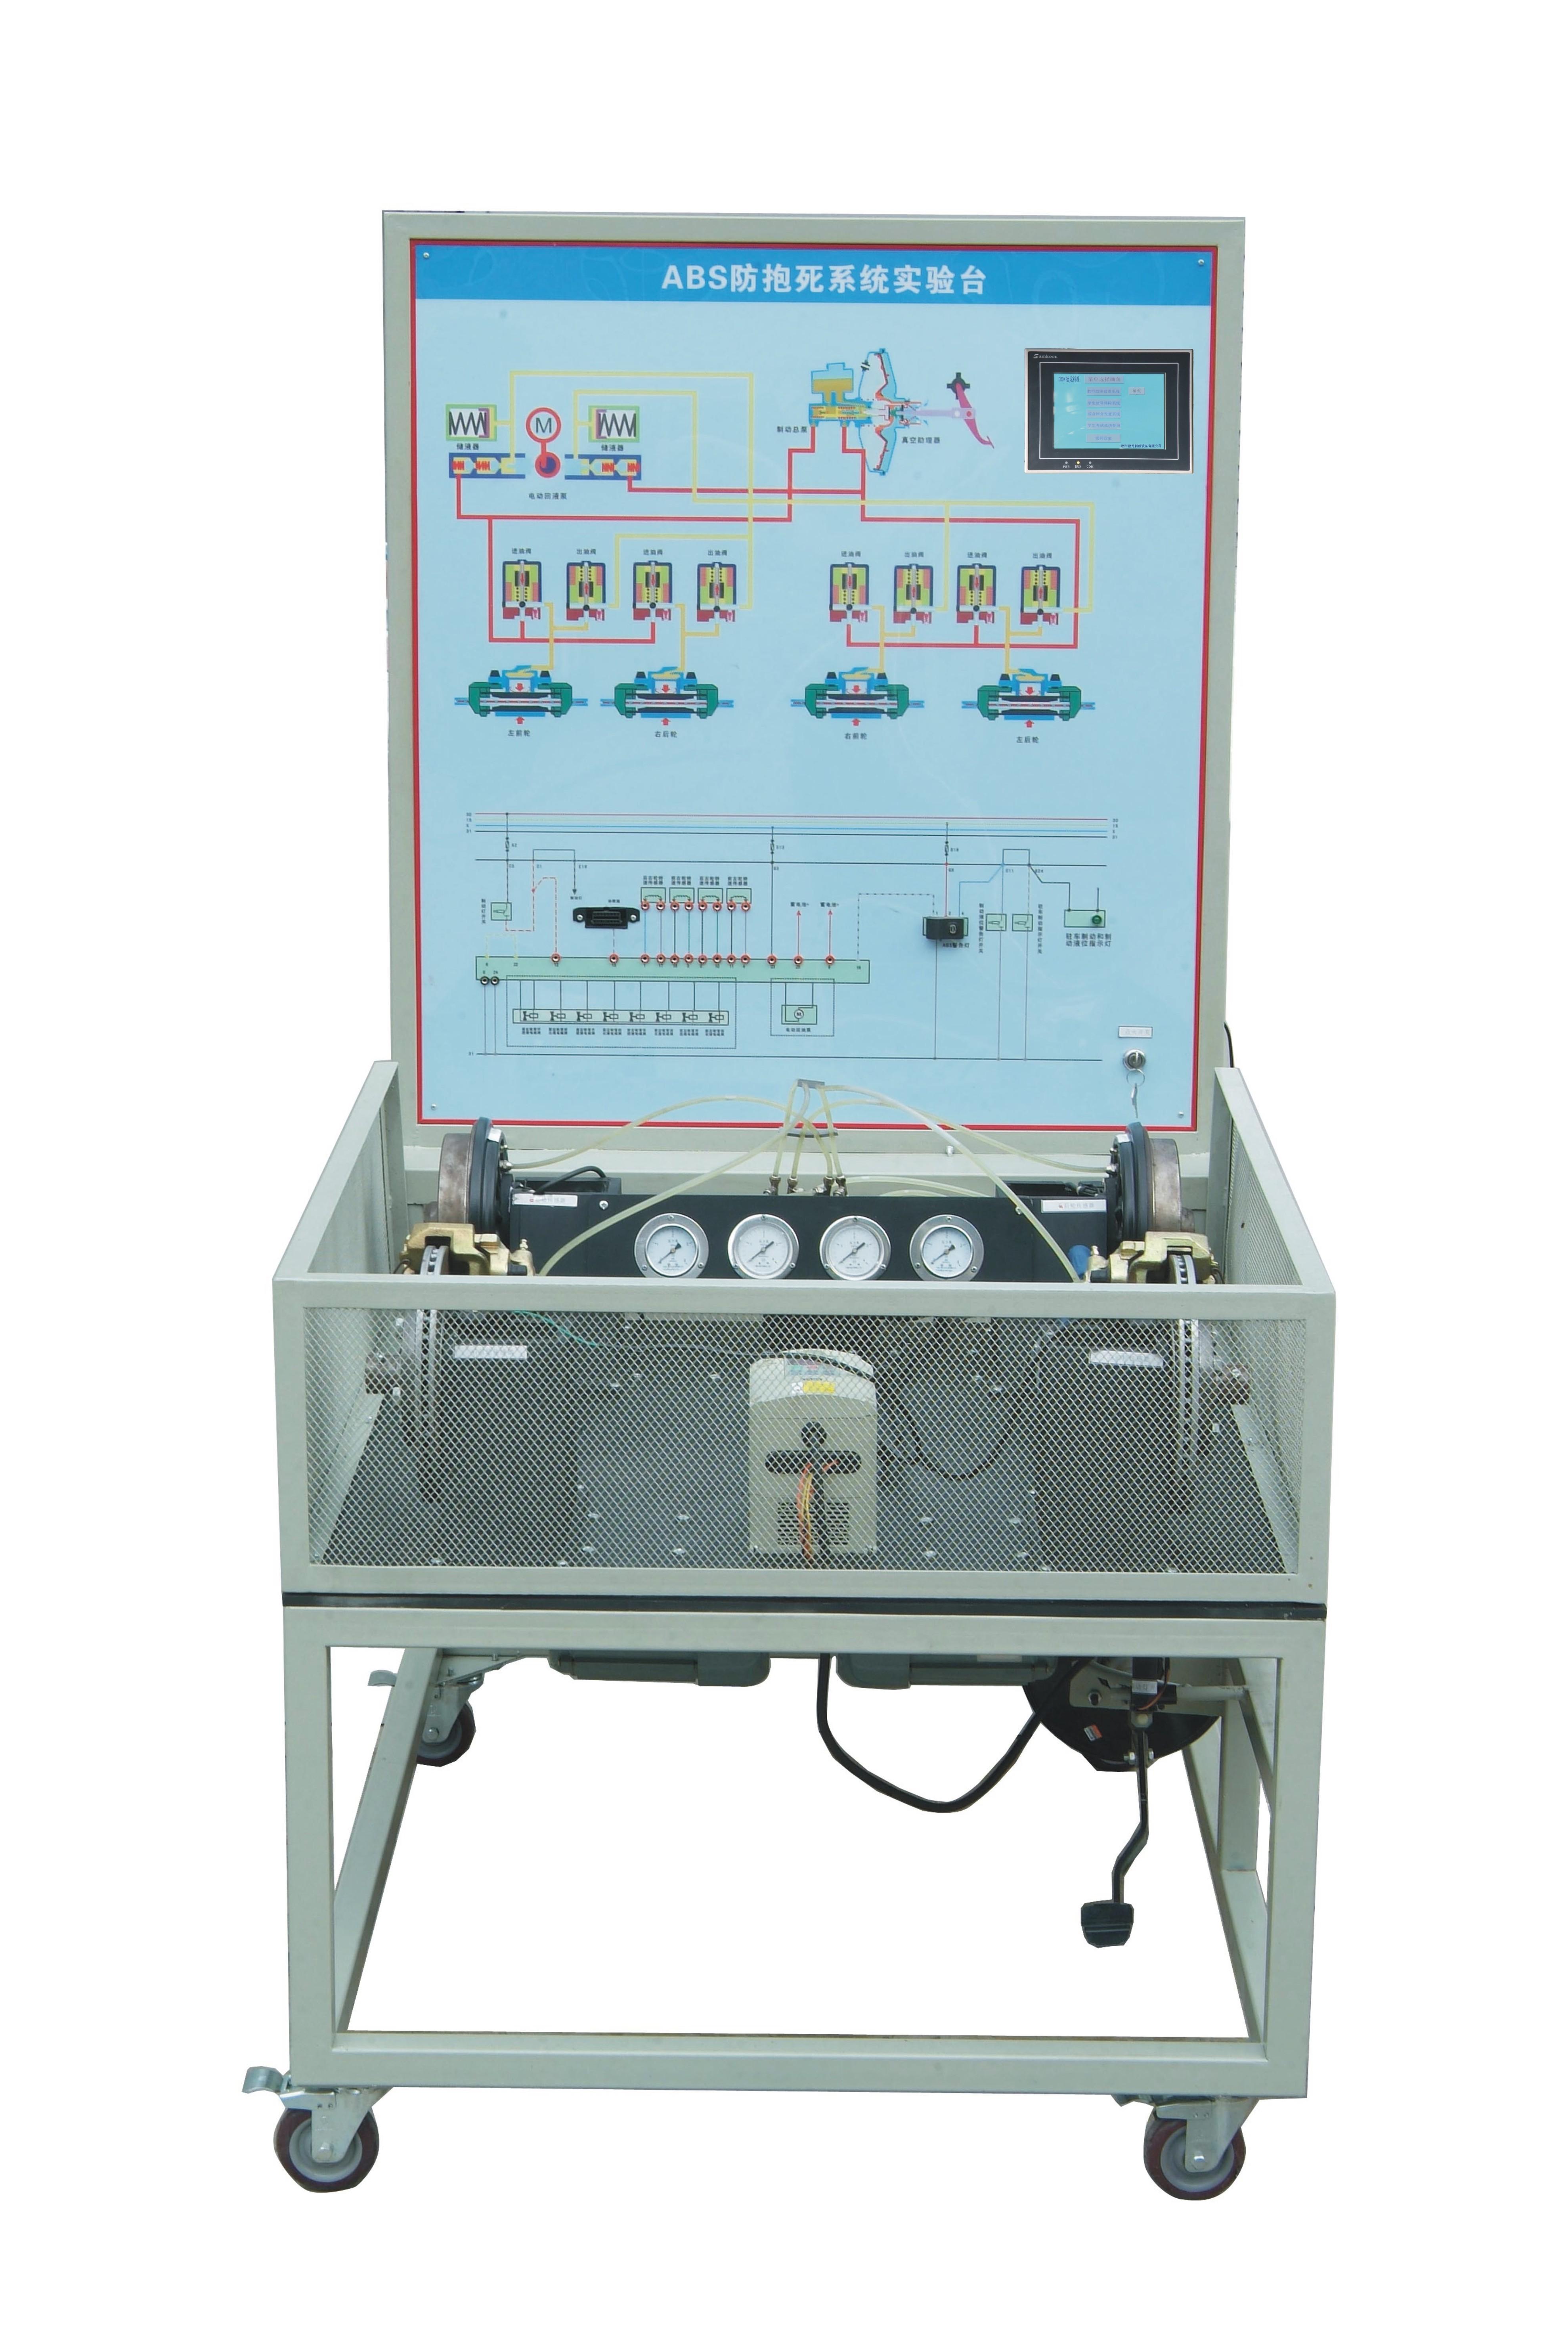 并能直接在电路图上检测abs电路进行各元件及故障分析诊断;     面板